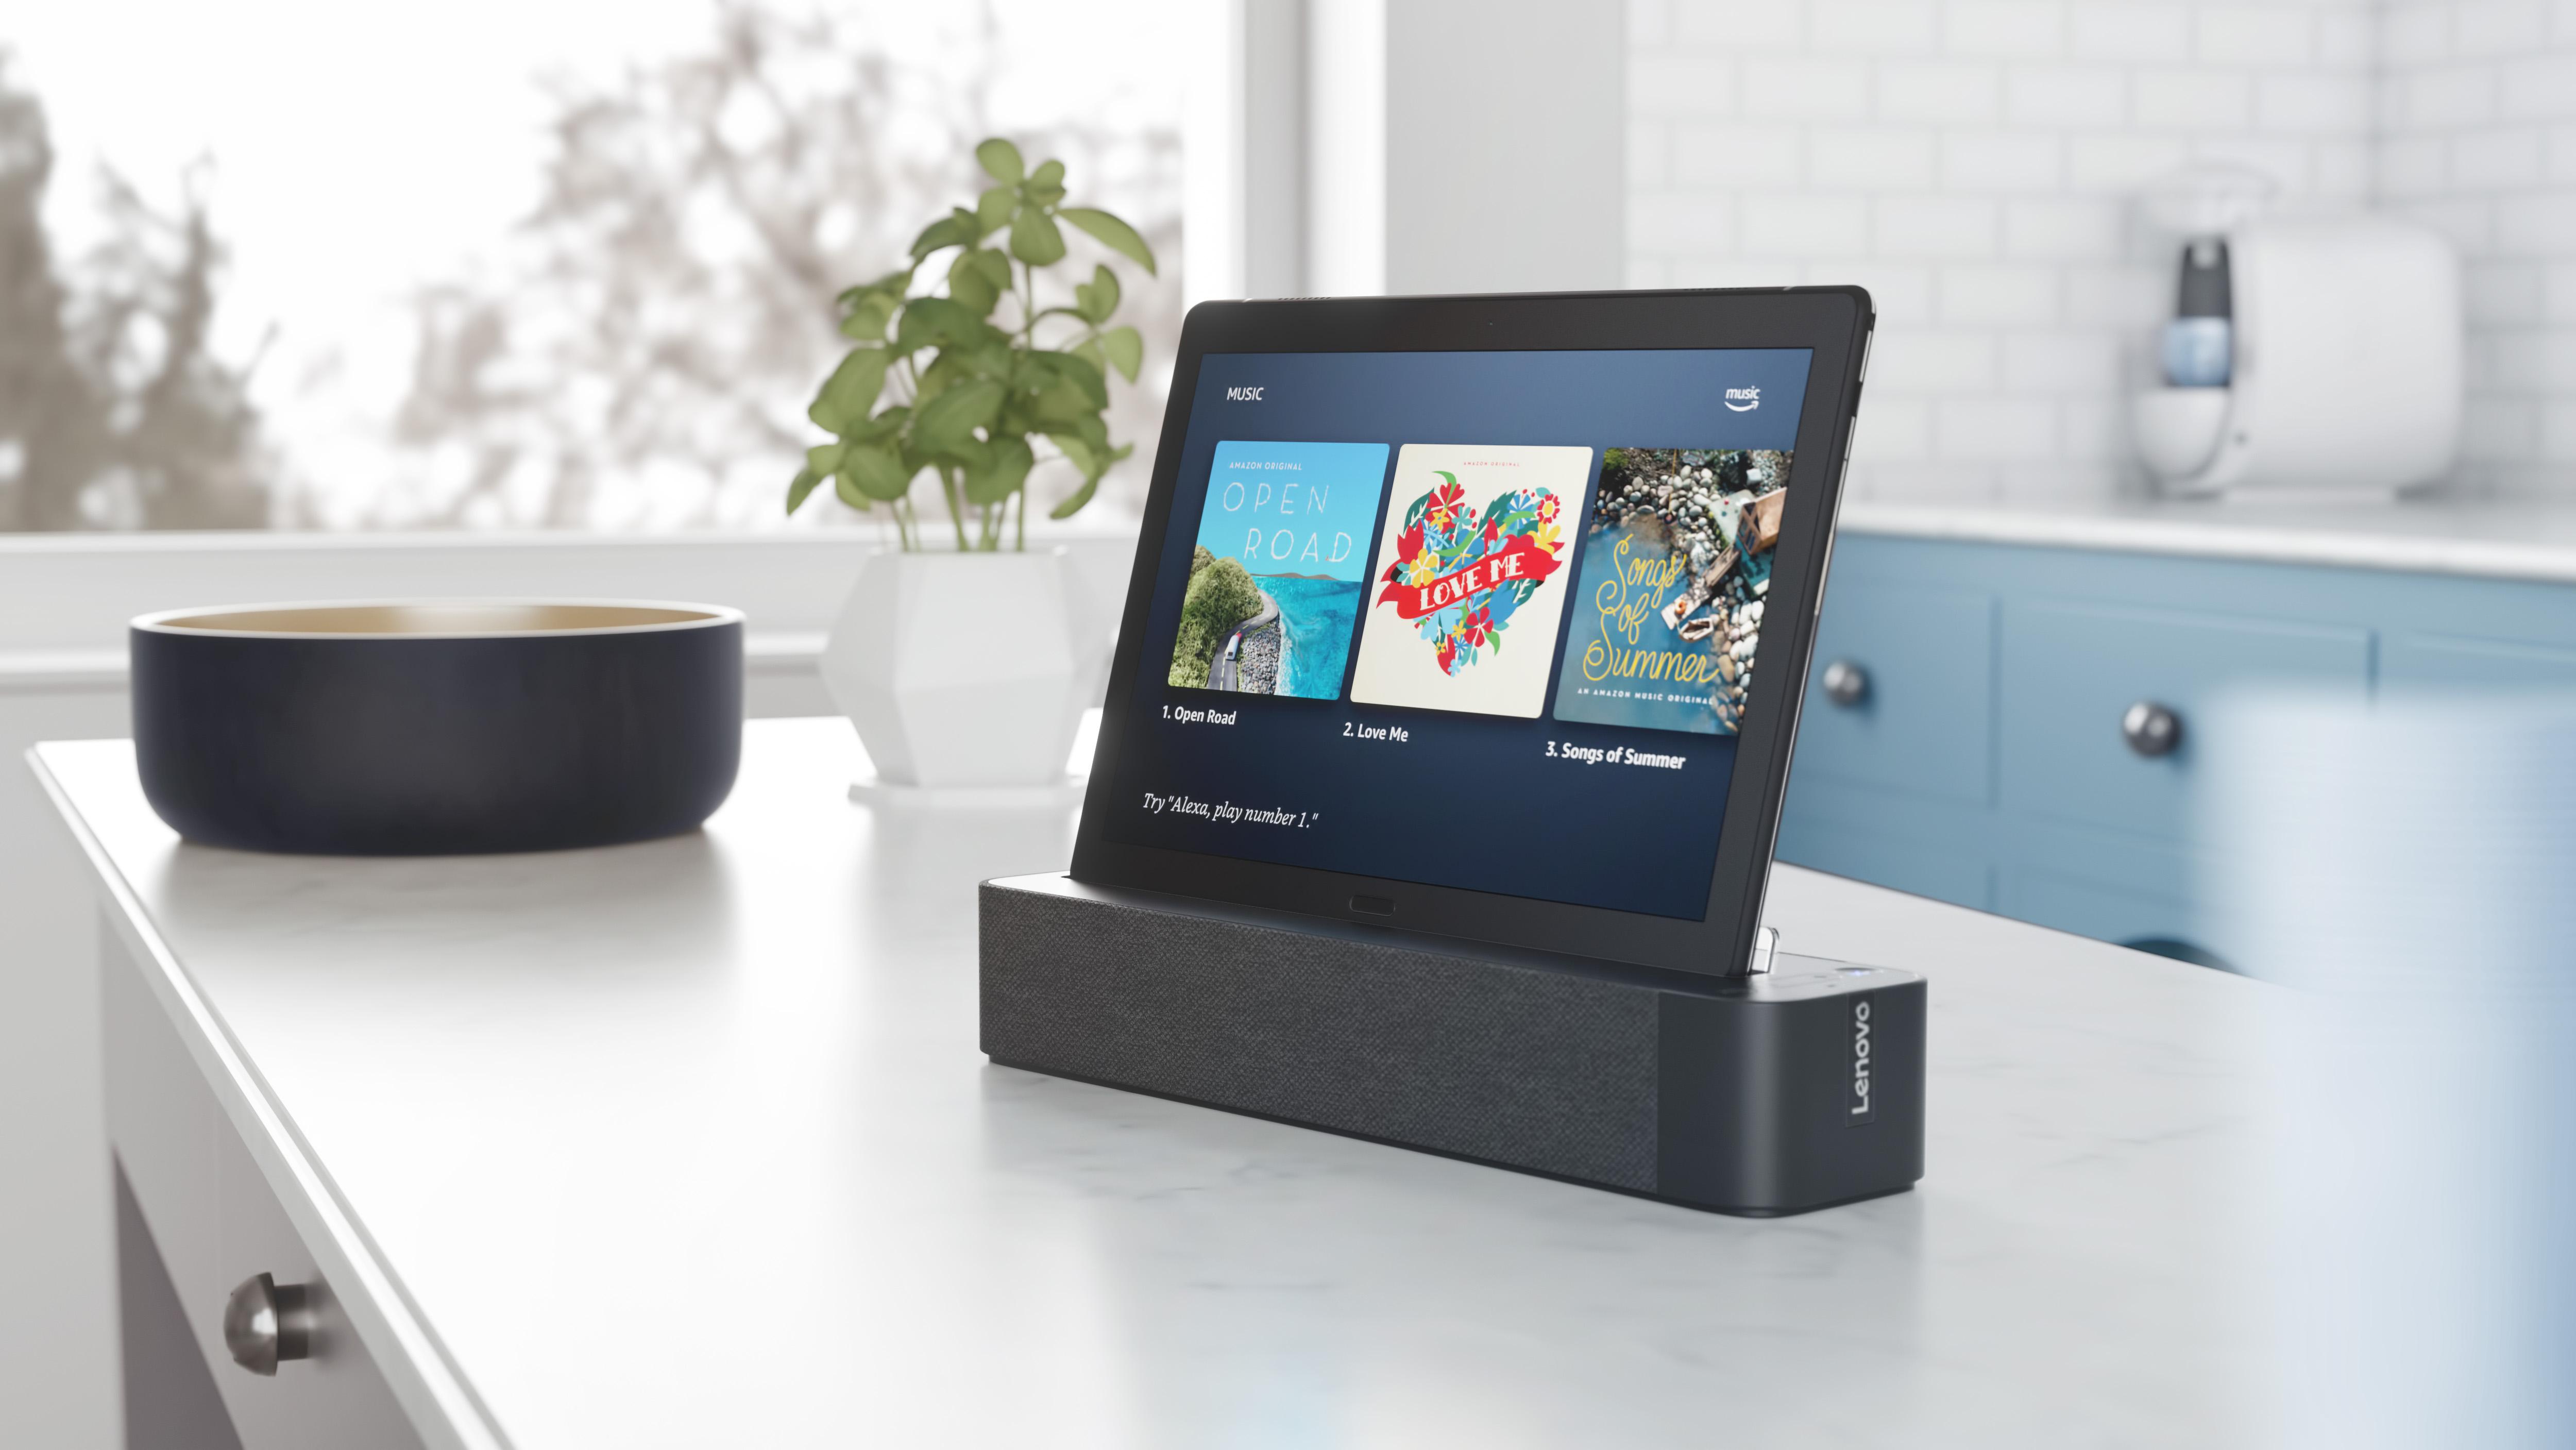 ces 2019 lenovo smart tabs p10 m10 neue tablets mit dockingstation show modus vorgestellt. Black Bedroom Furniture Sets. Home Design Ideas